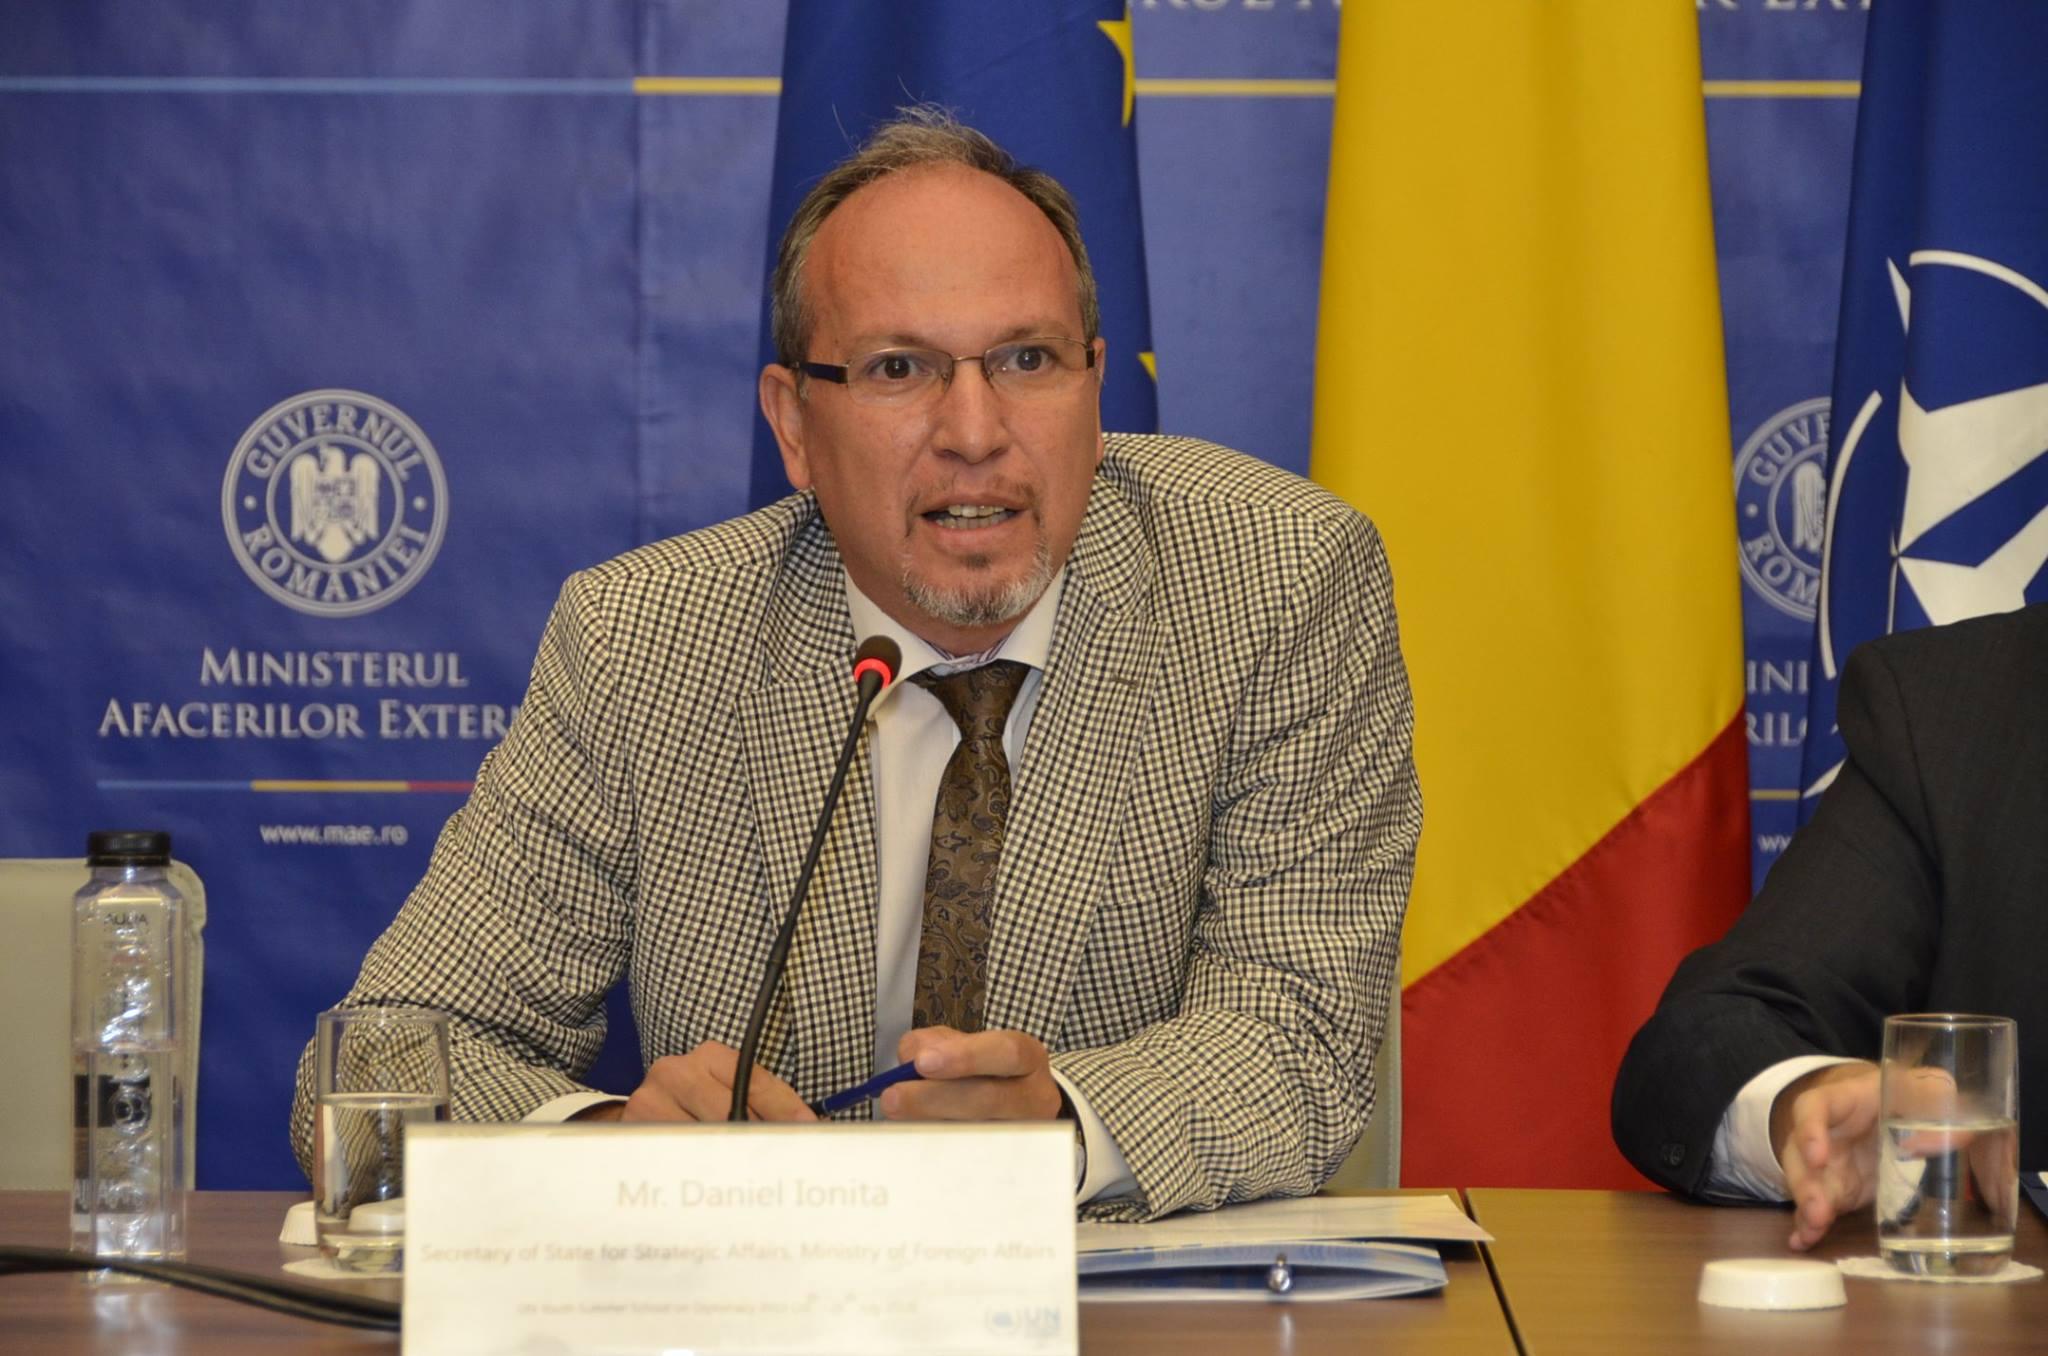 Romania praises Serbia's progress on the EU path